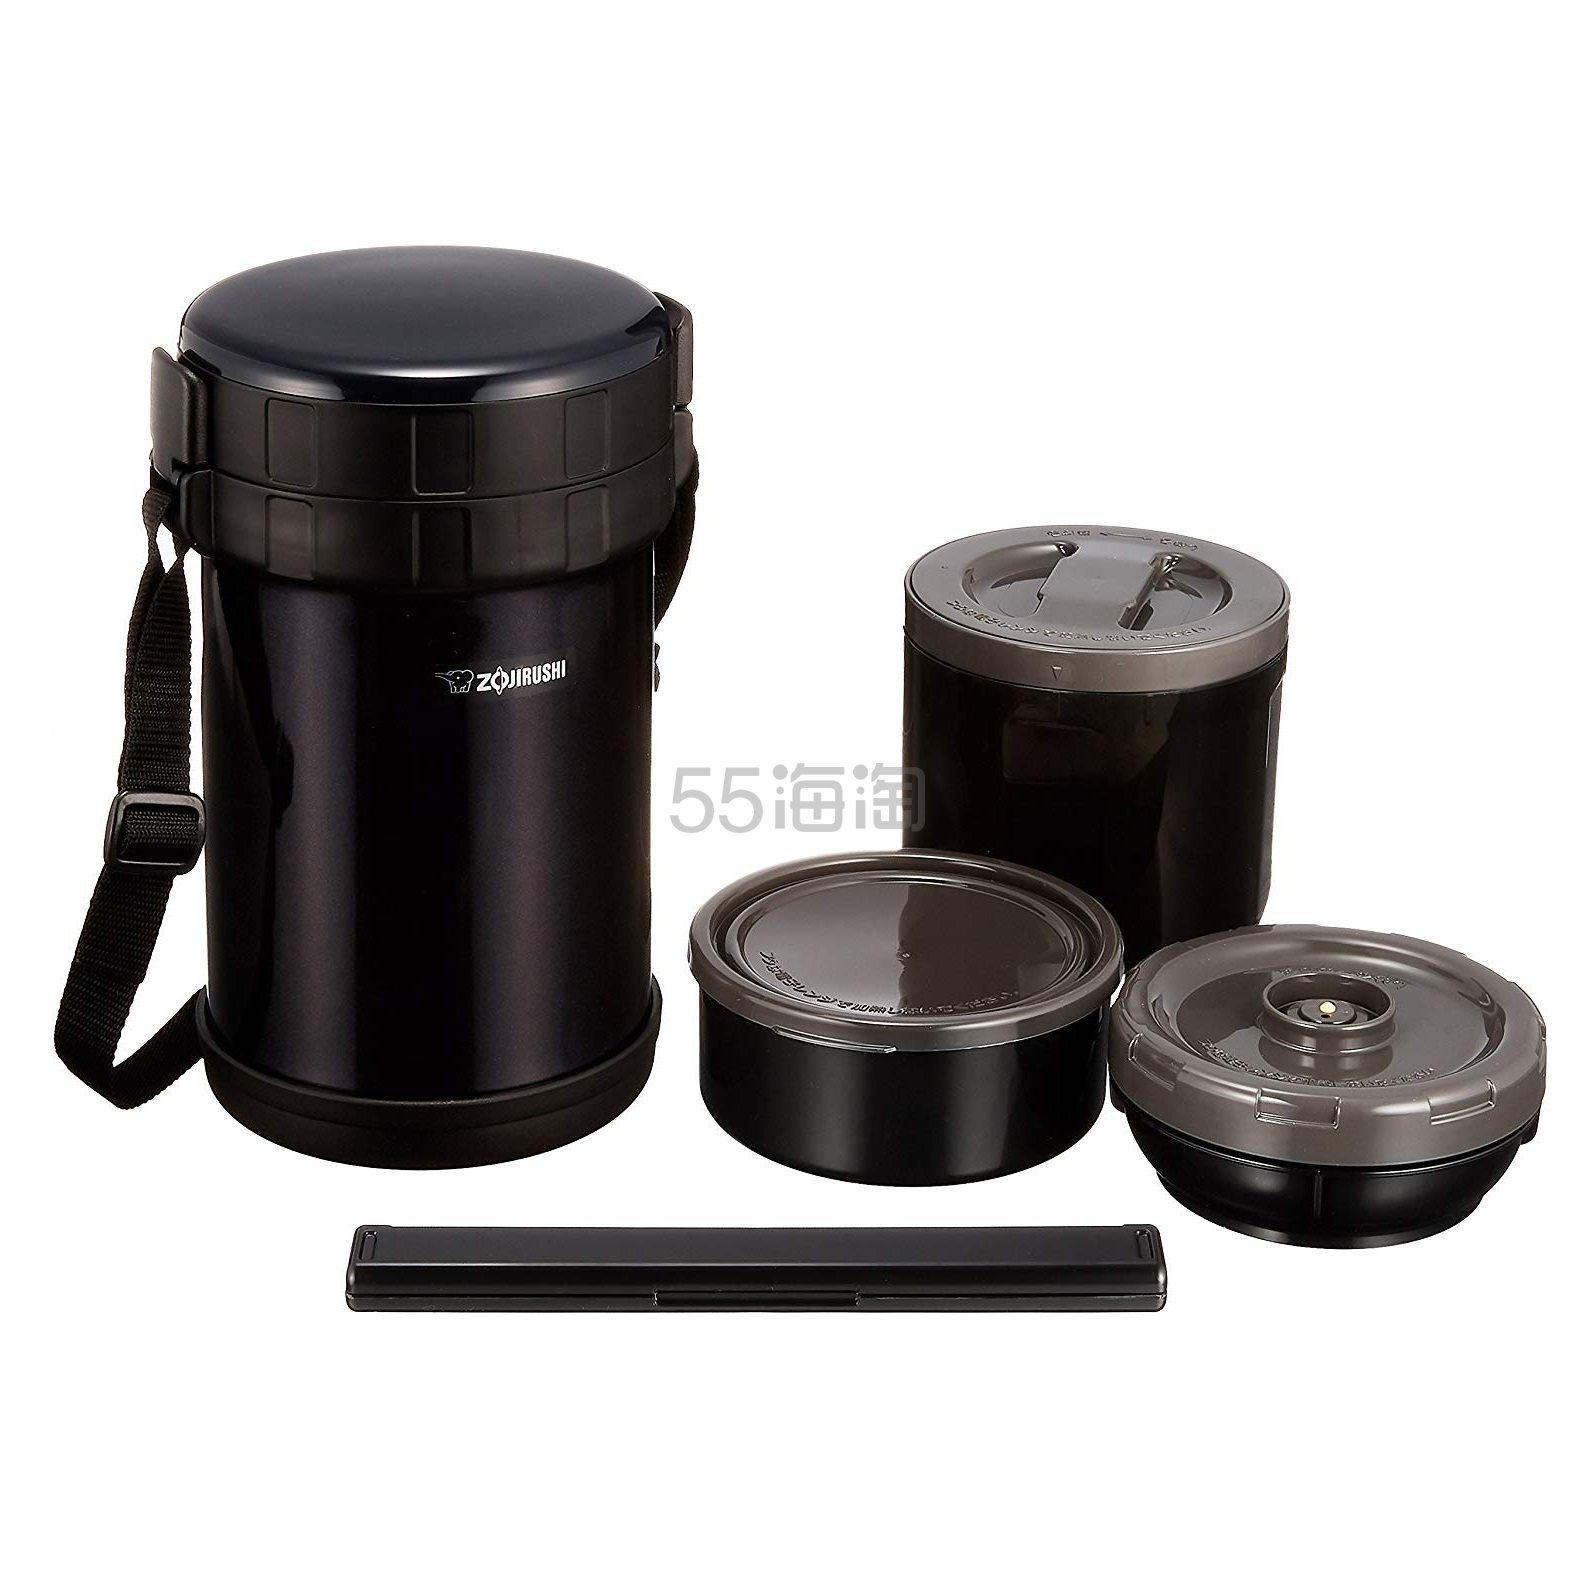 【中亚Prime会员】ZOJIRUSHI 象印 黑色不锈钢保温饭盒便当盒 SL-XE20-AD 到手价200元 - 海淘优惠海淘折扣|55海淘网